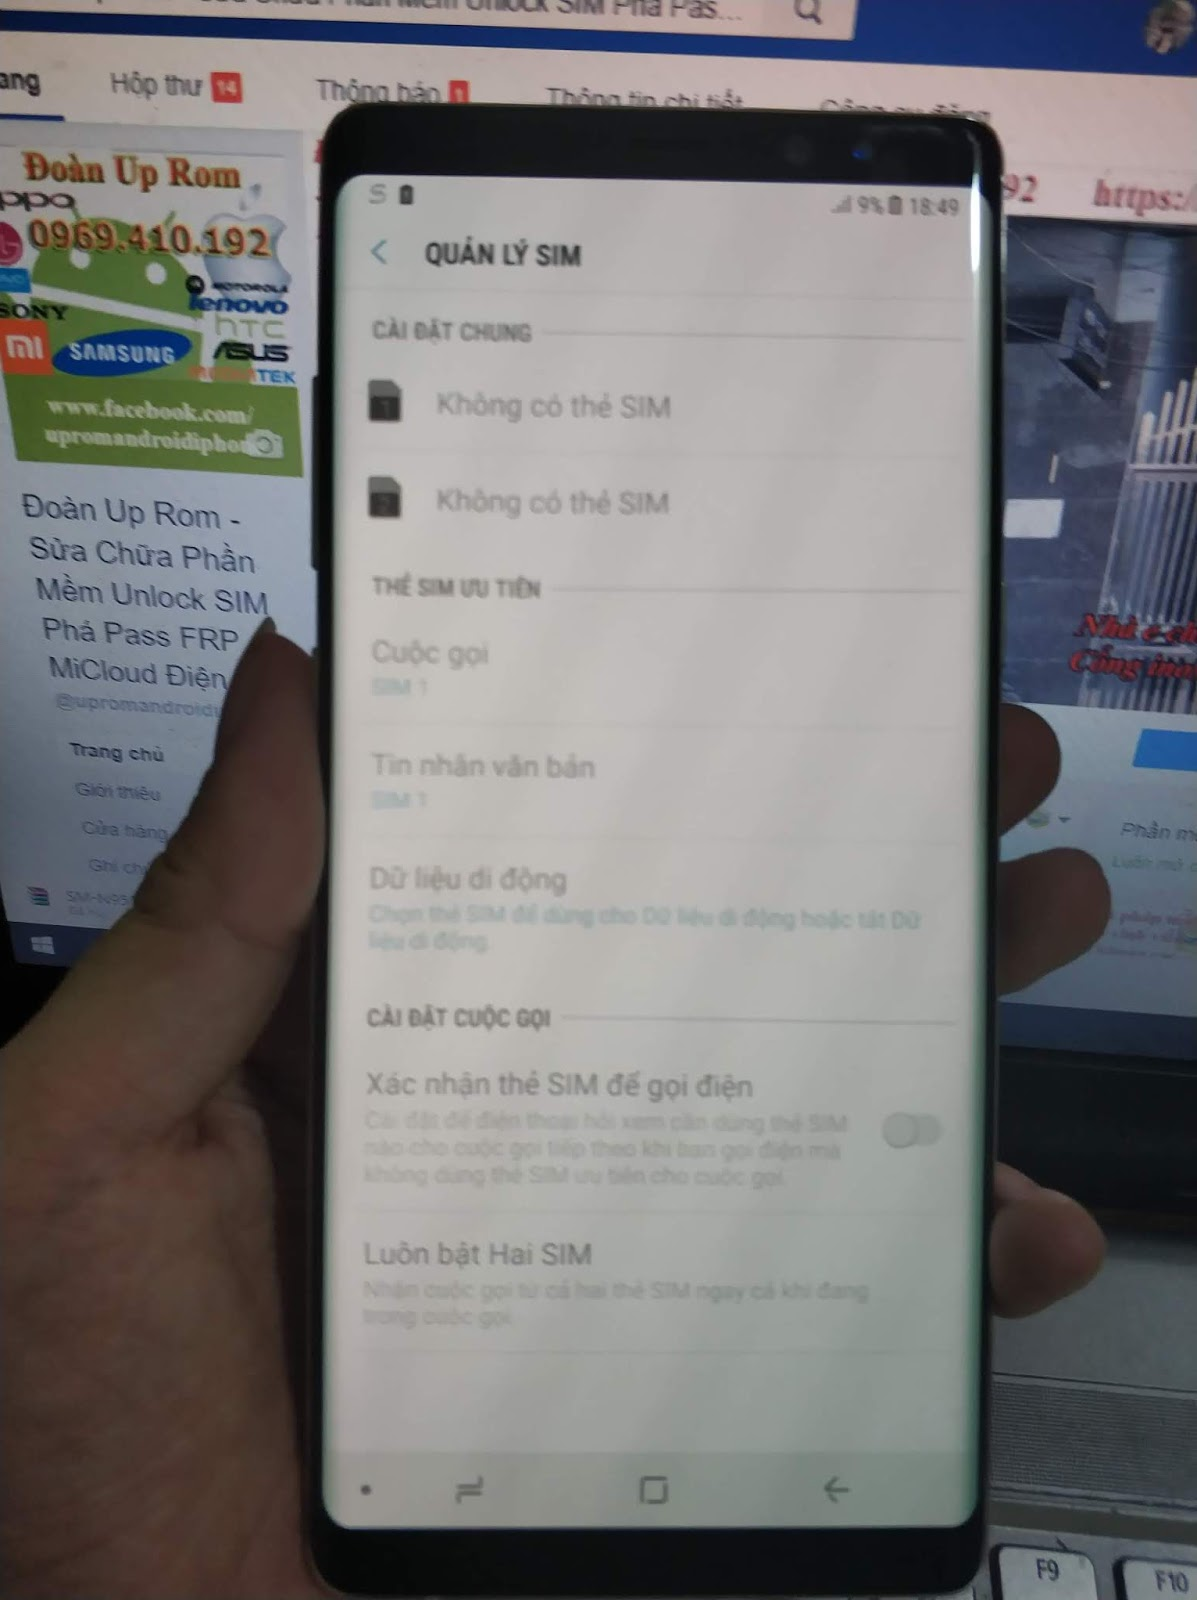 Thêm 1 Note 8 hàn N950N bản SKC (bản khó read cert nhất) độ lên 2